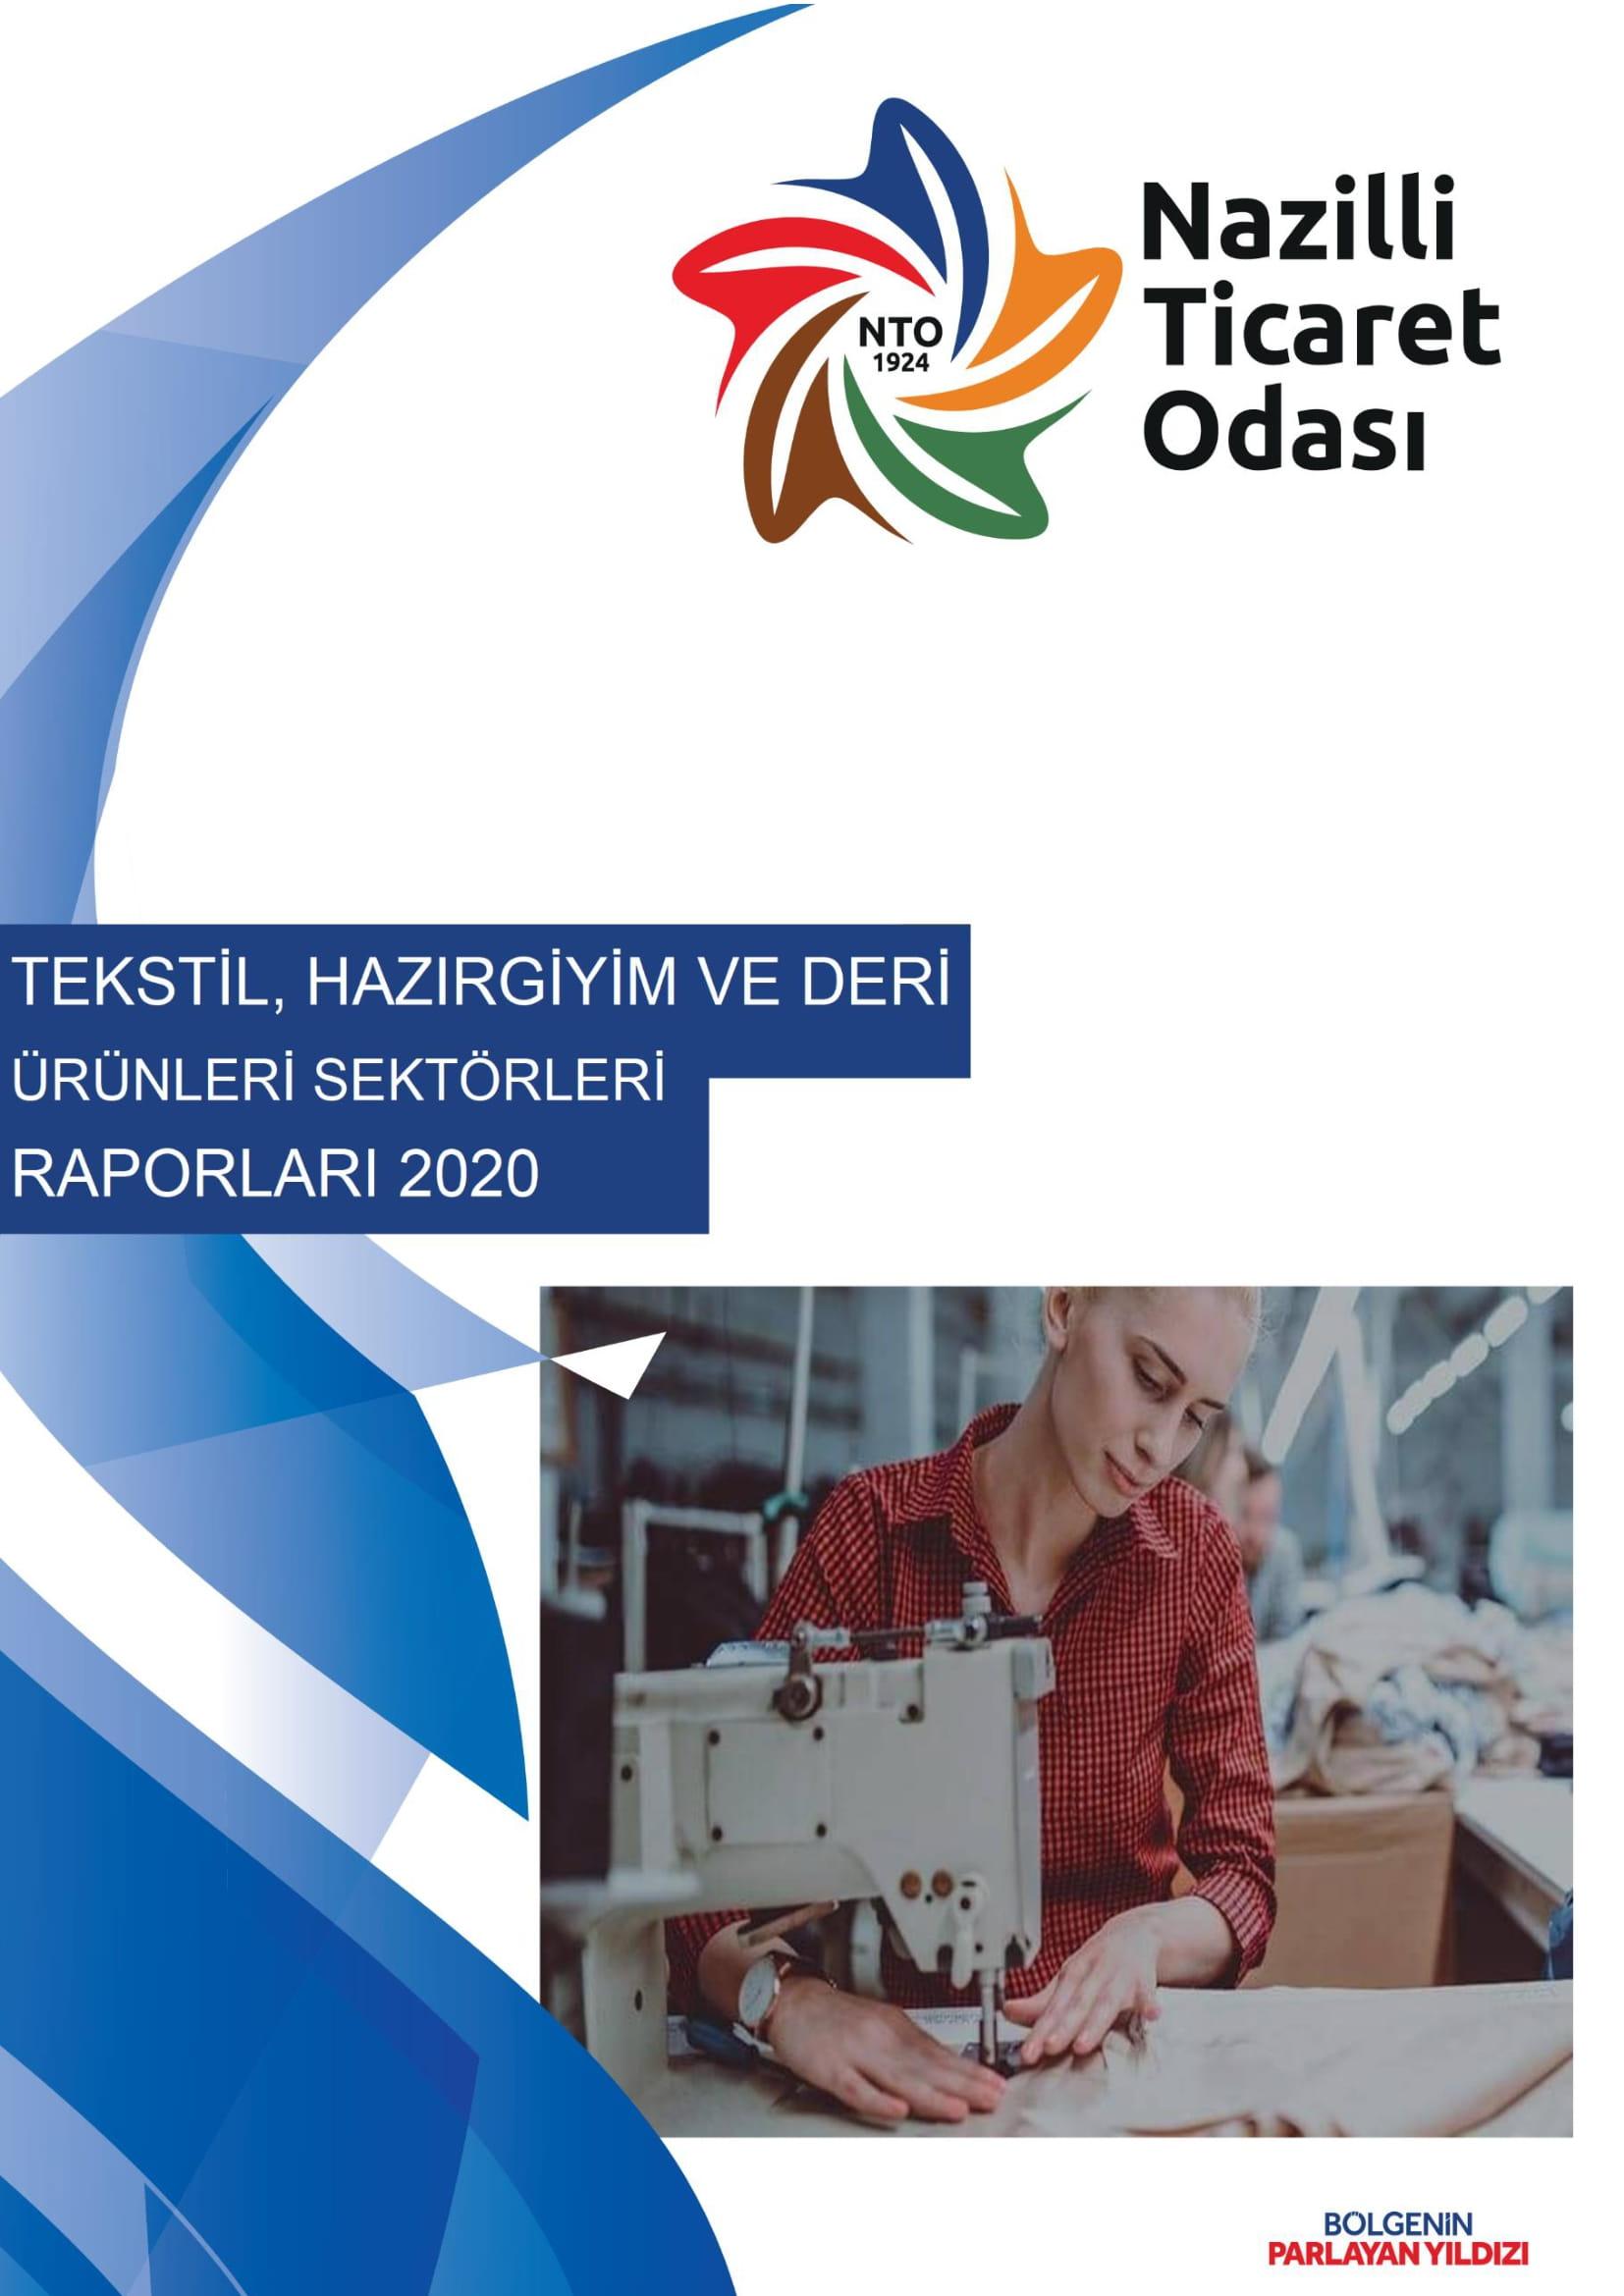 TekstilHazirgiyimveDeriUrunleriSektorleriRaporu2020-01